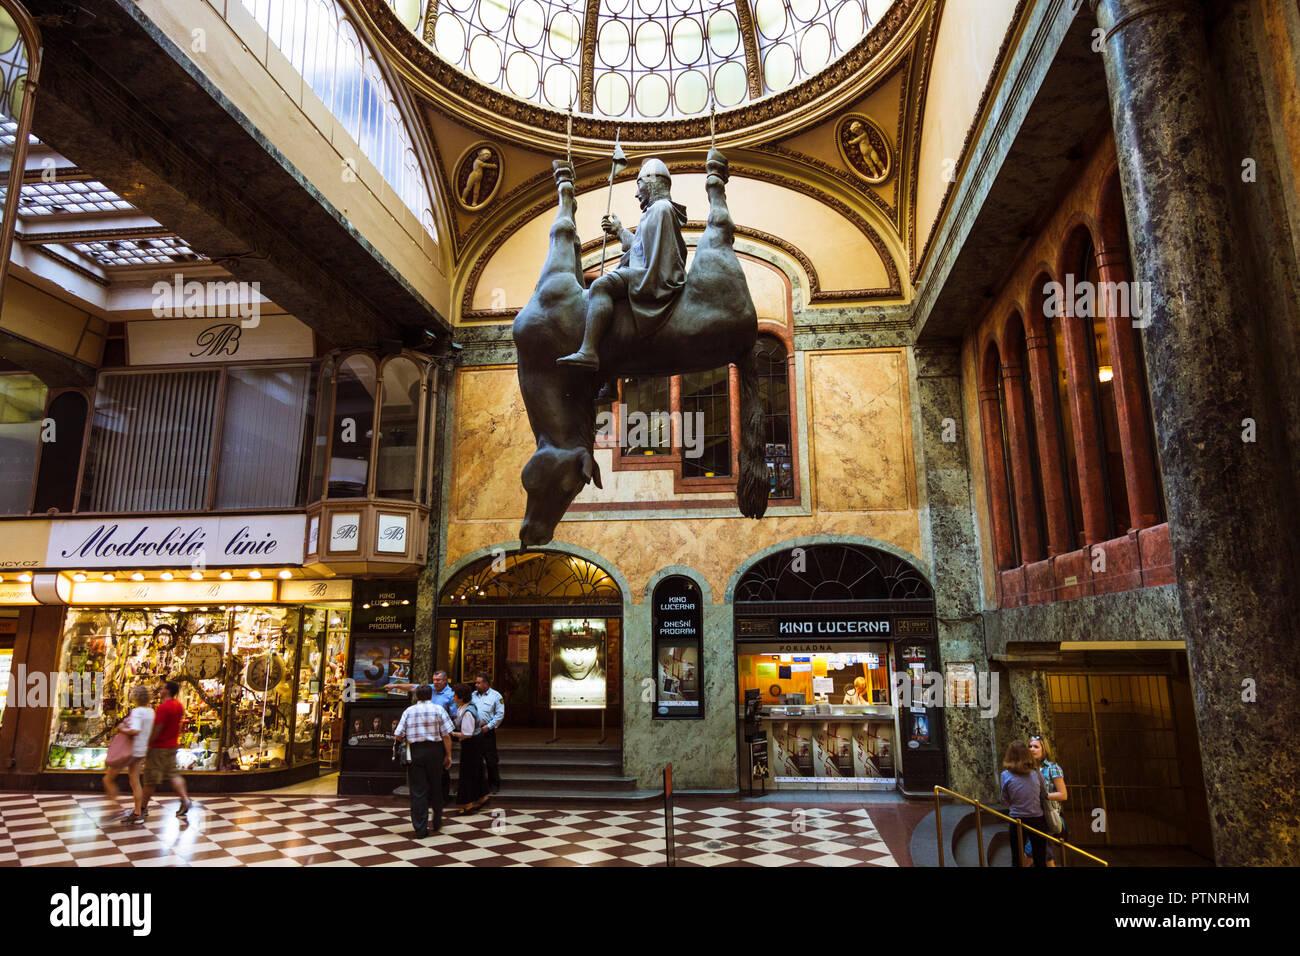 Upside-Down Statue of King Wenceslas Riding a Dead Horse By Czech sculptor David Černý at Lucerna Passage shopping center in Prague Czech Republic Stock Photo